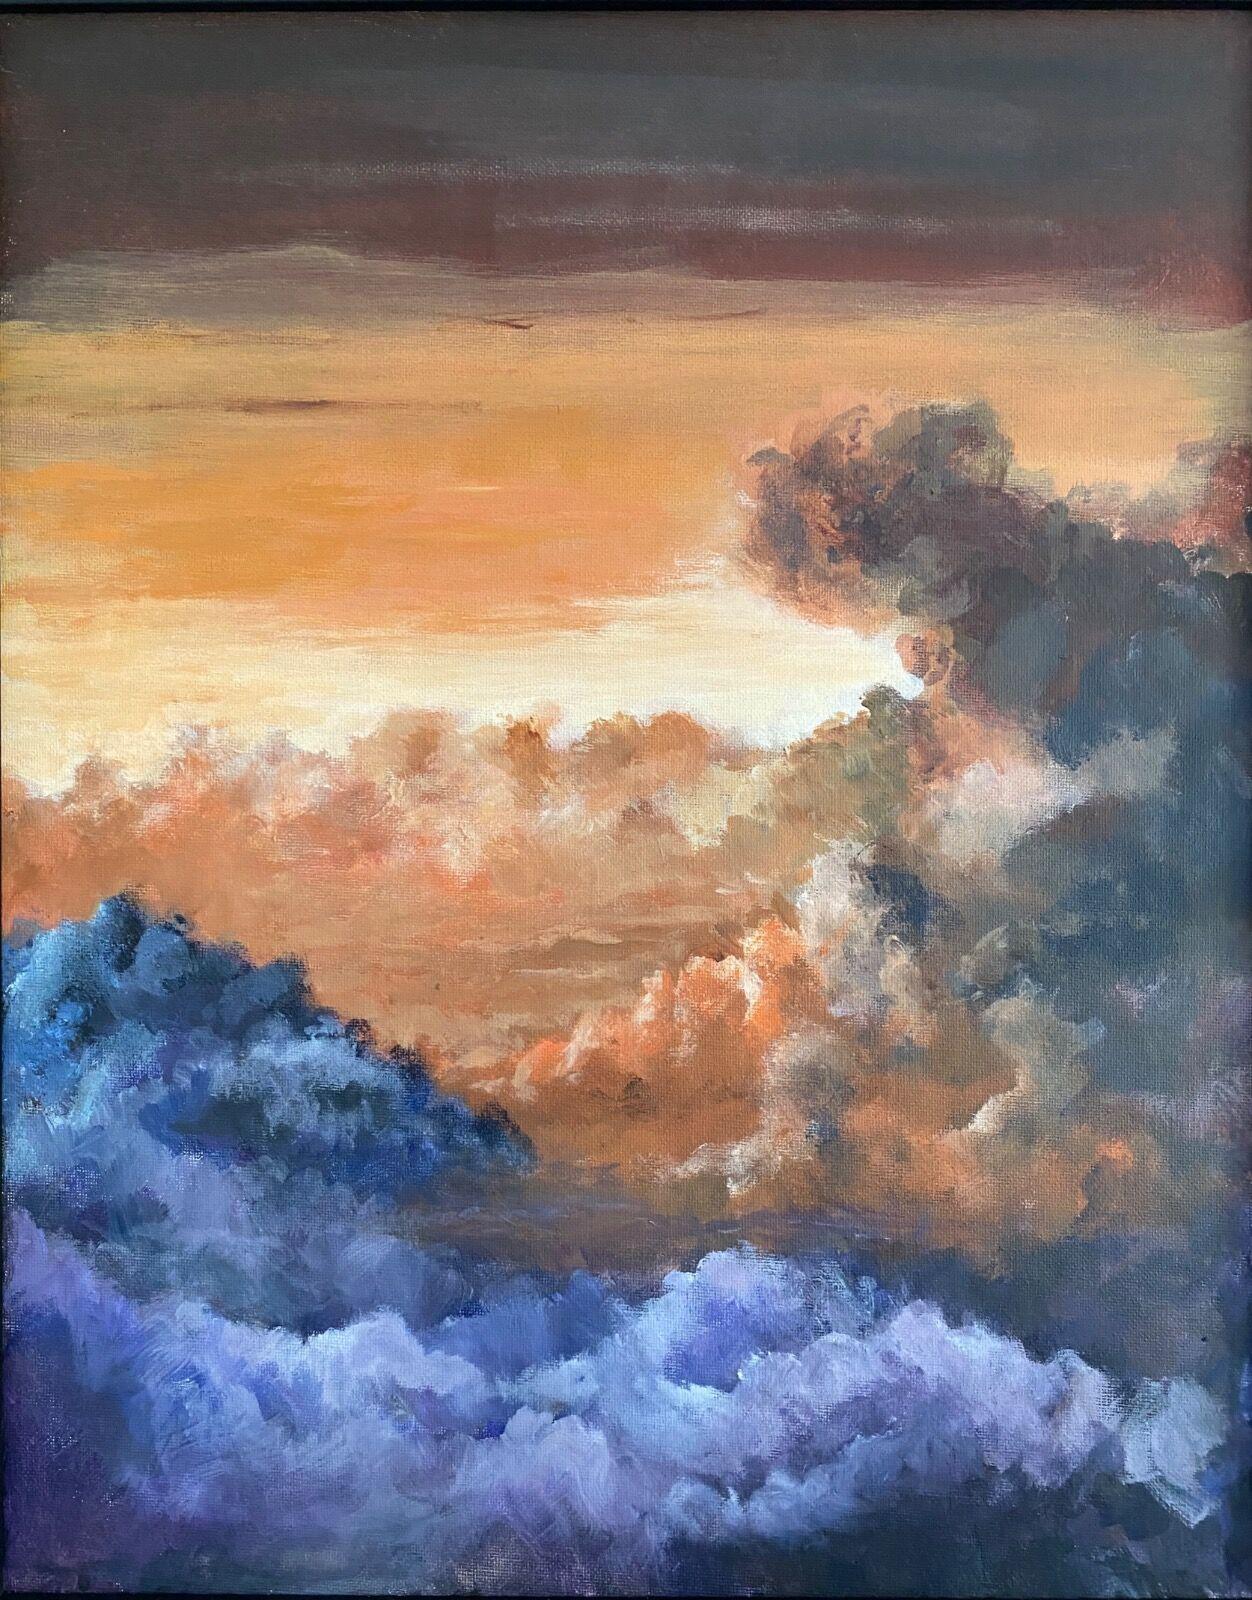 Cloudscape painting